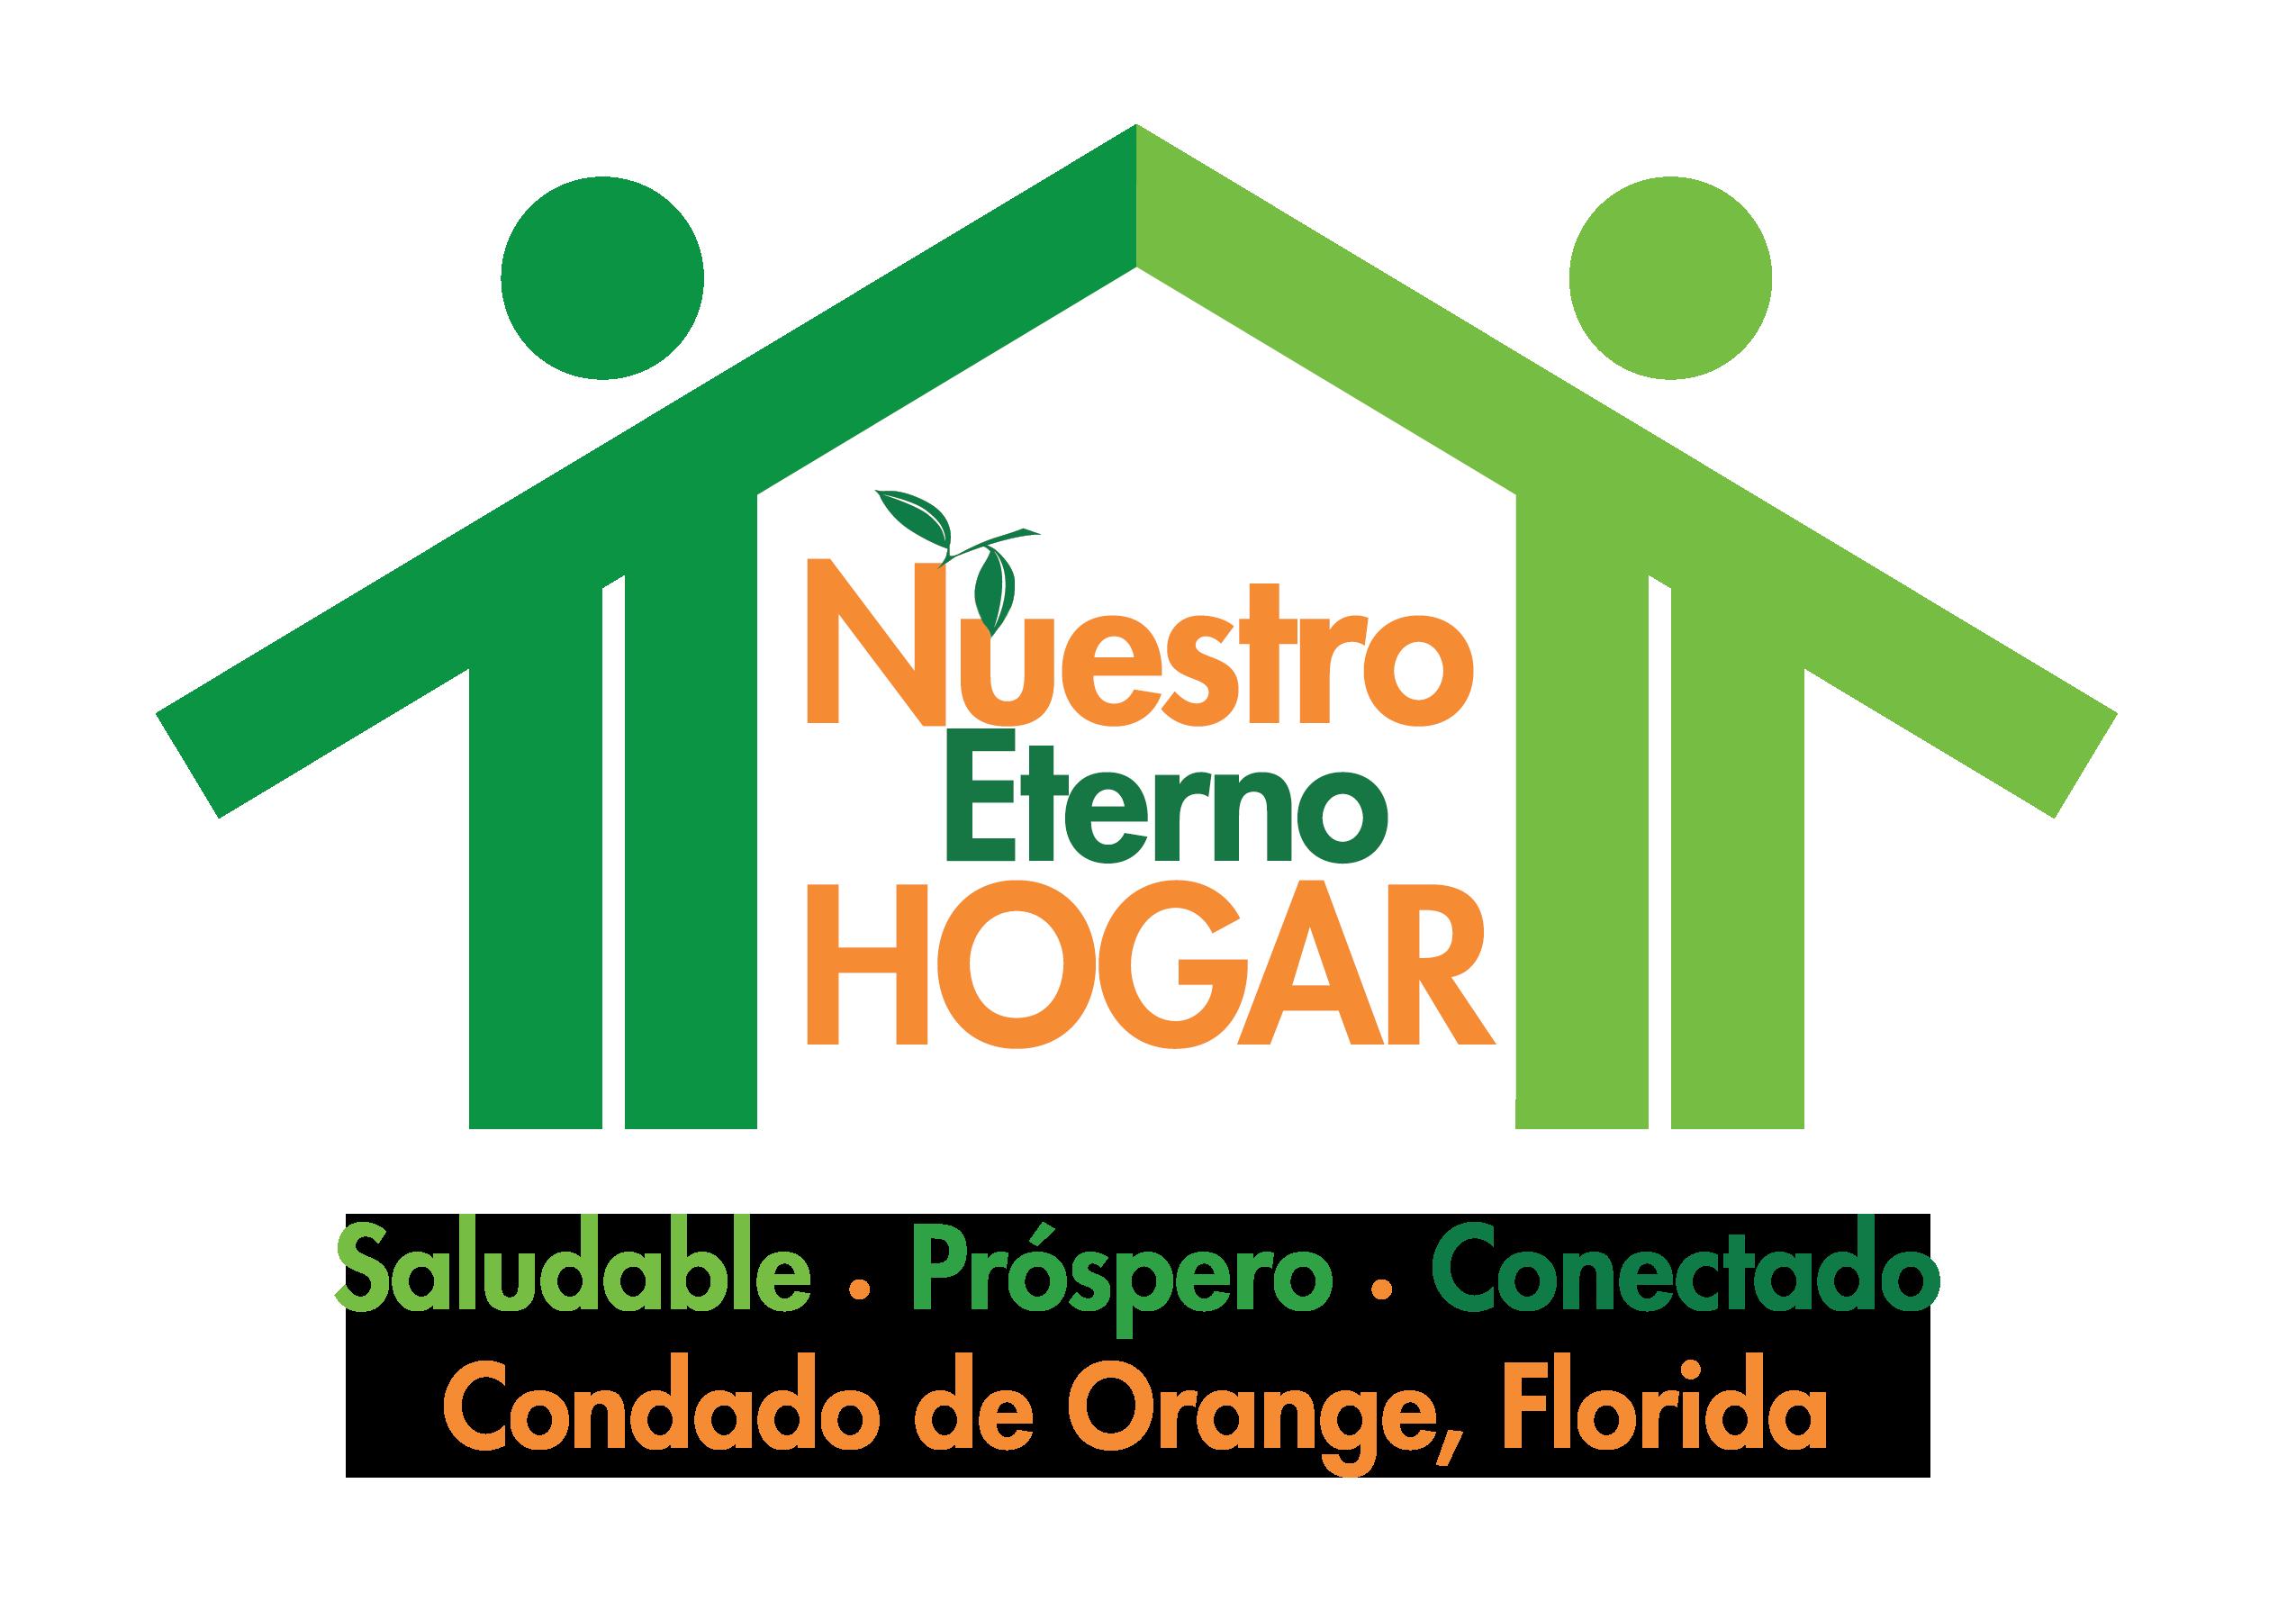 Logotipo de Nuestro Eterno Hogar